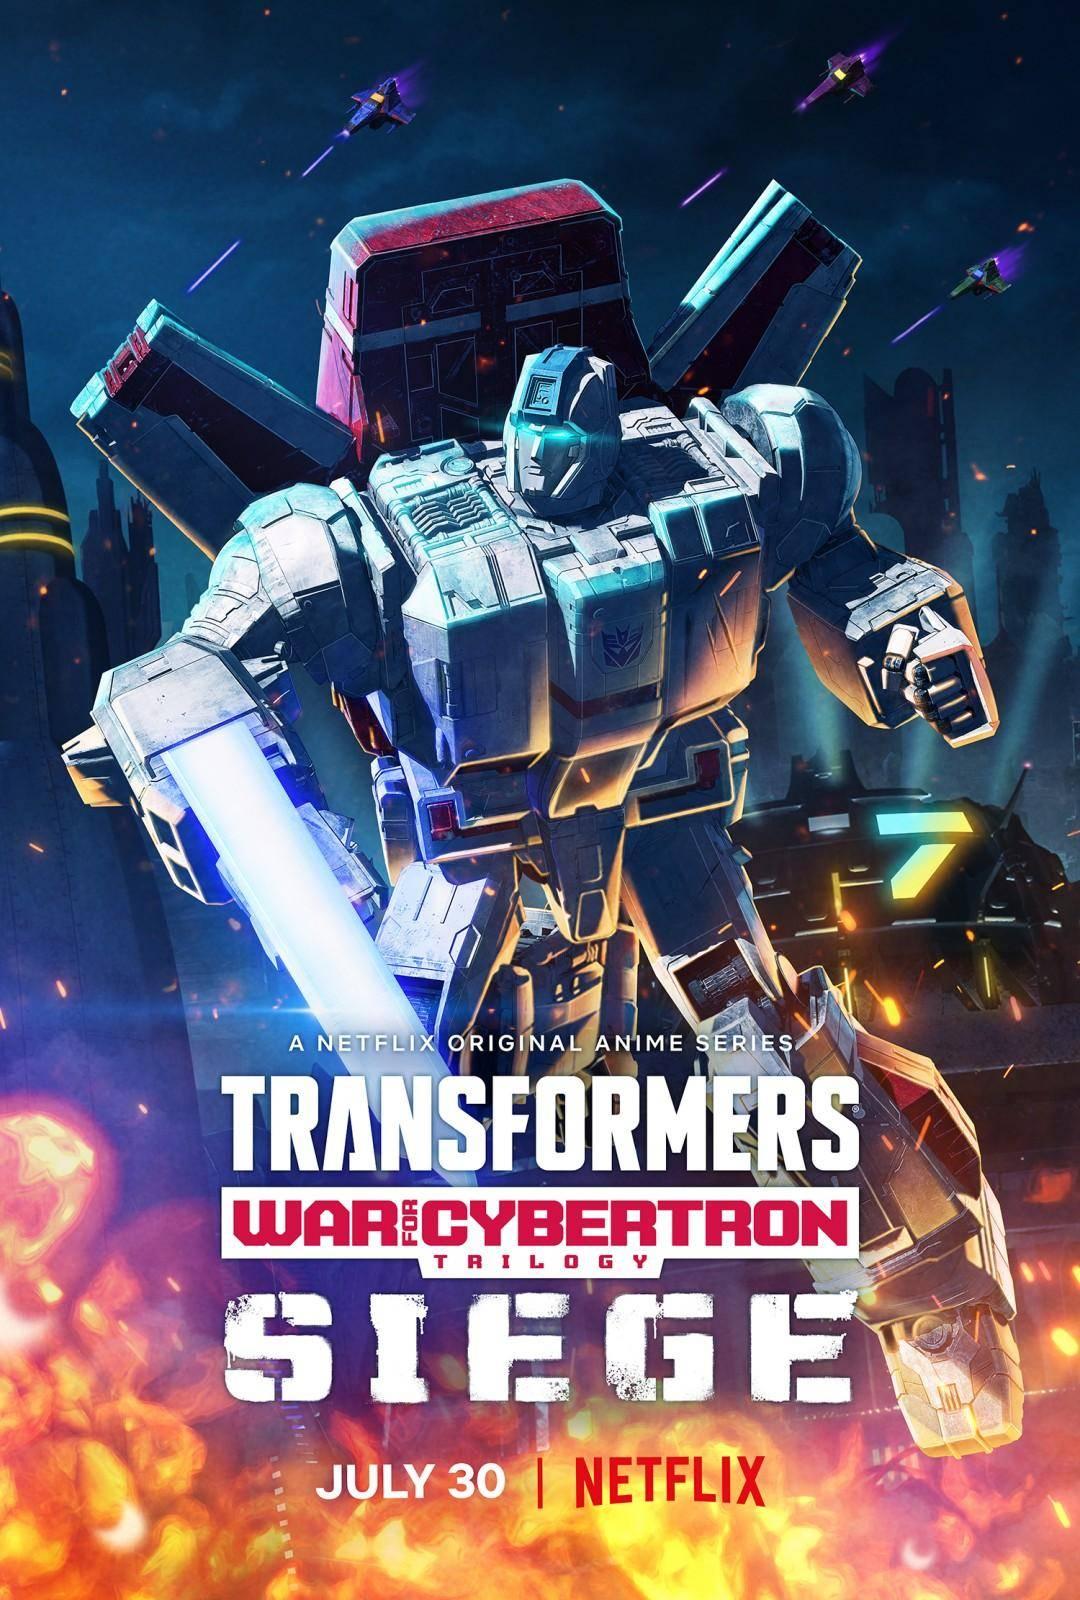 ¡Mira las nuevas imágenes de Transformers: War for Cybertron de Netflix! 2